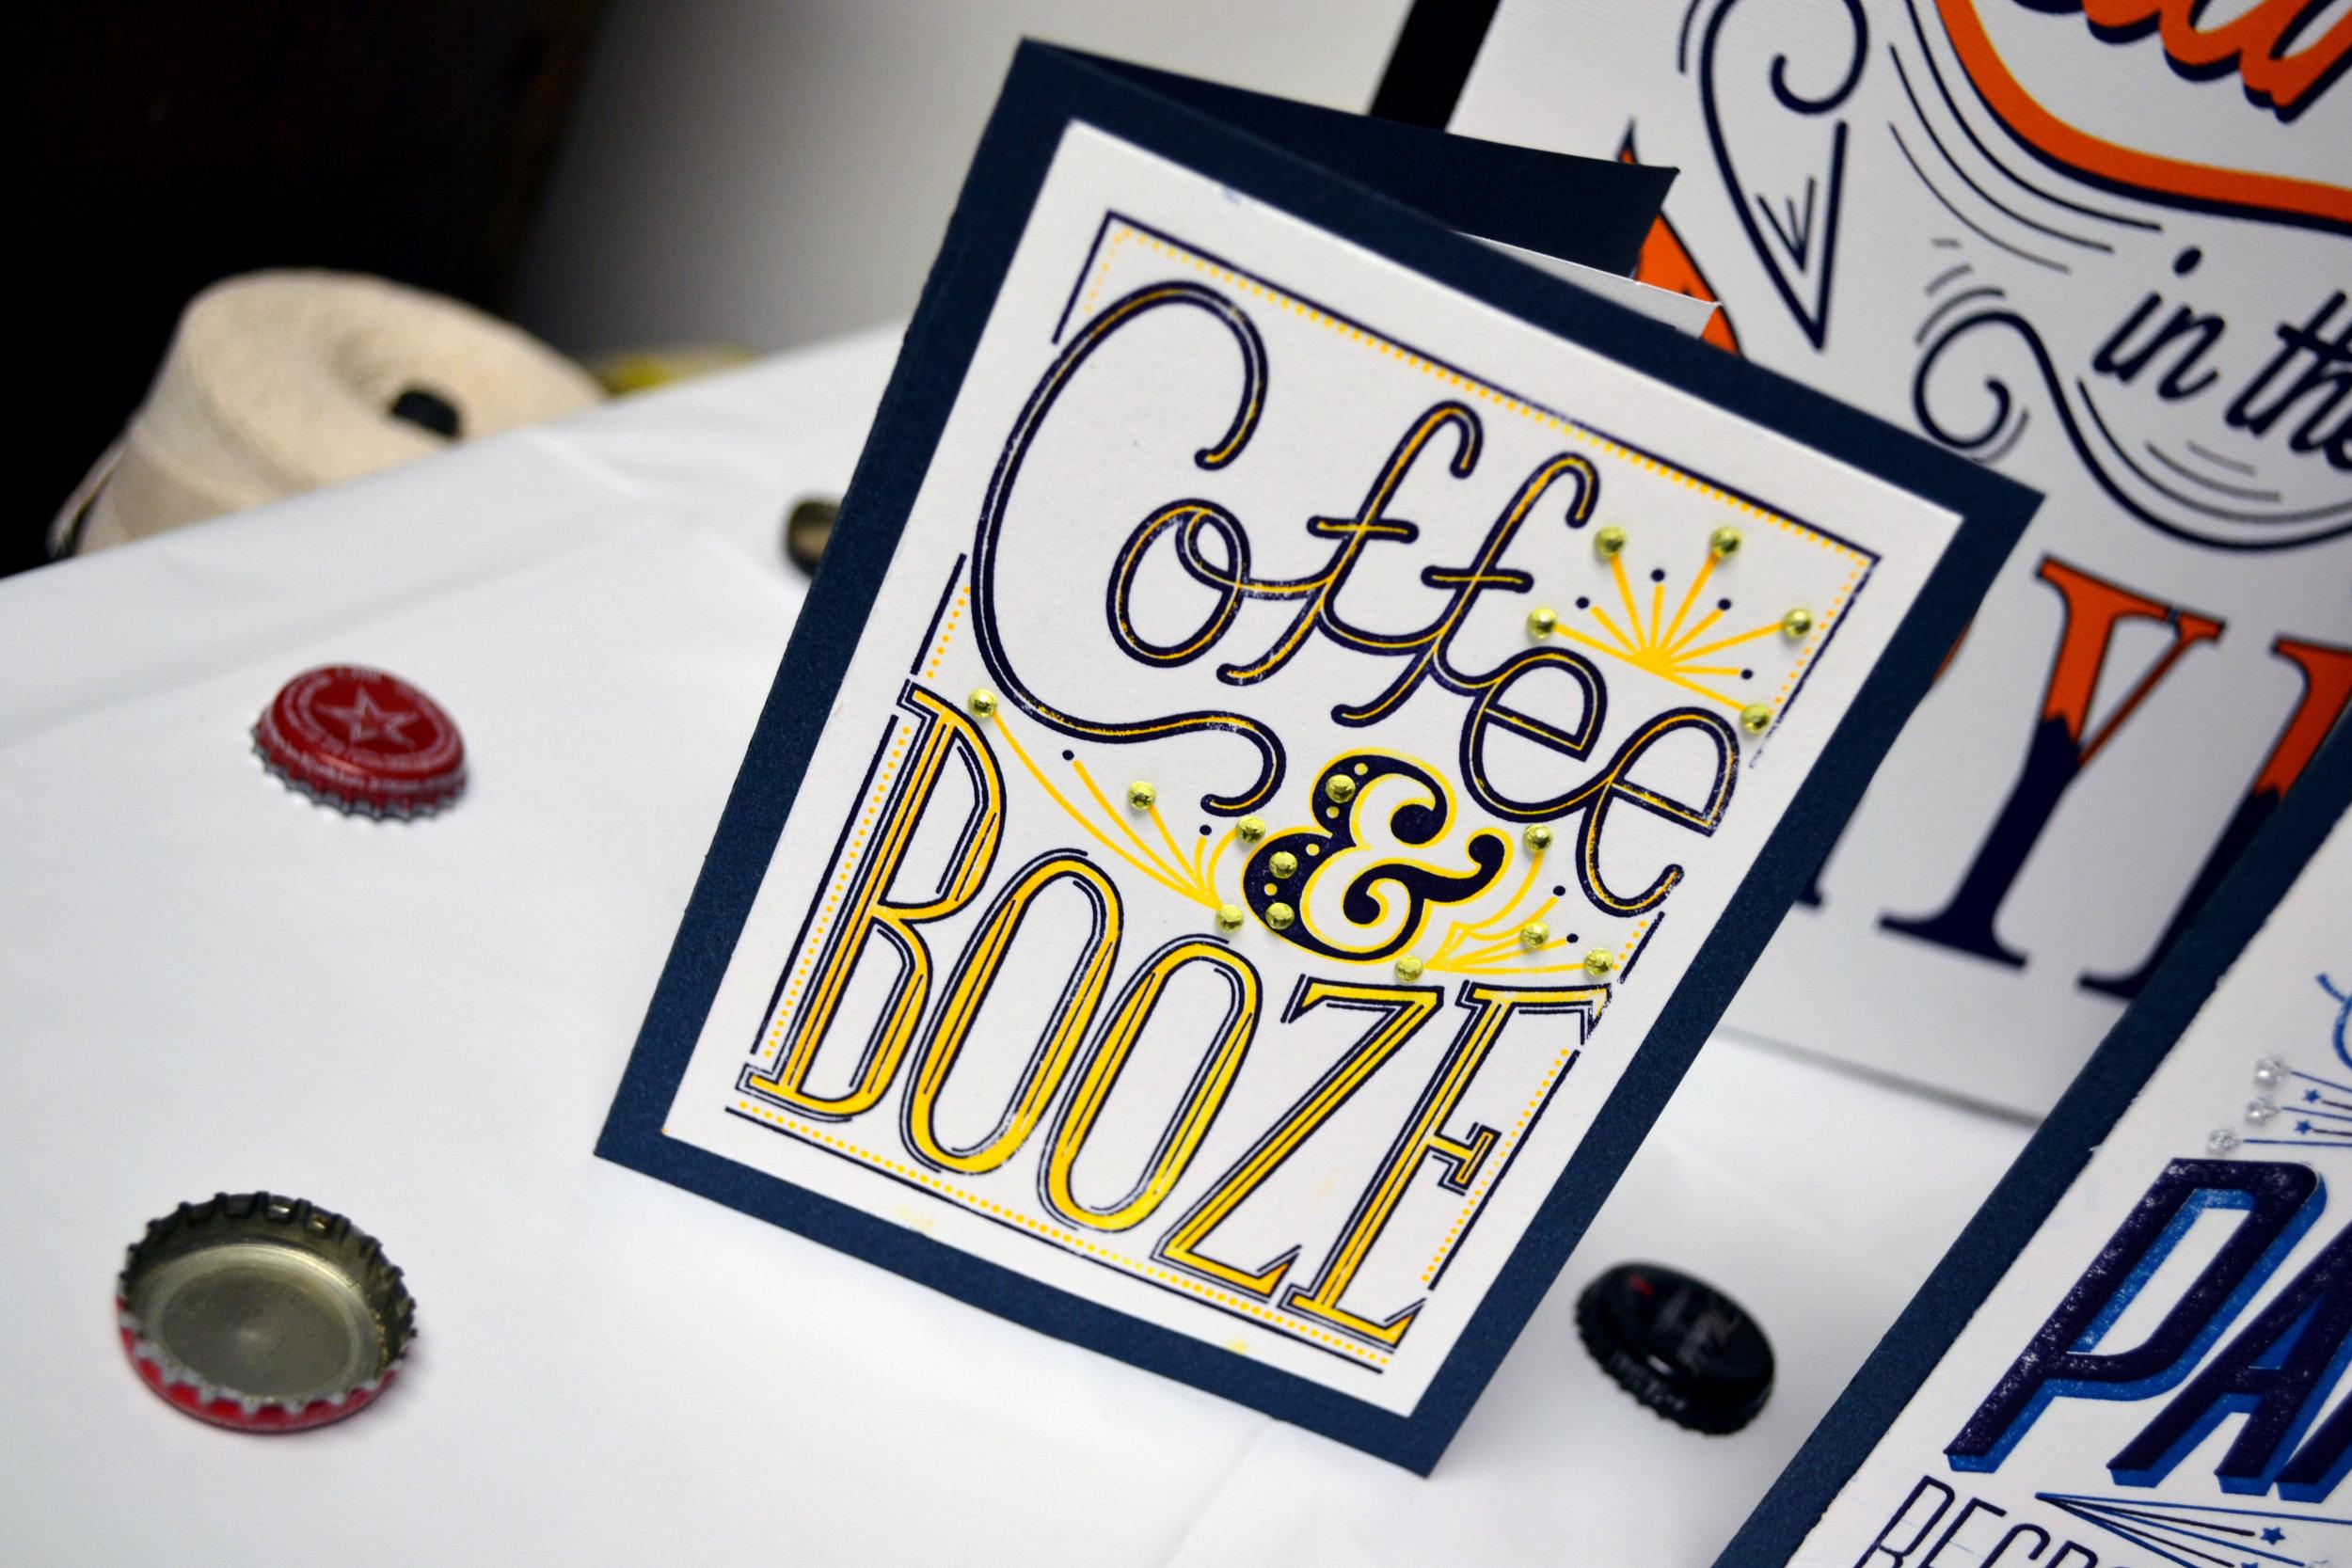 Coffee & Booze Card